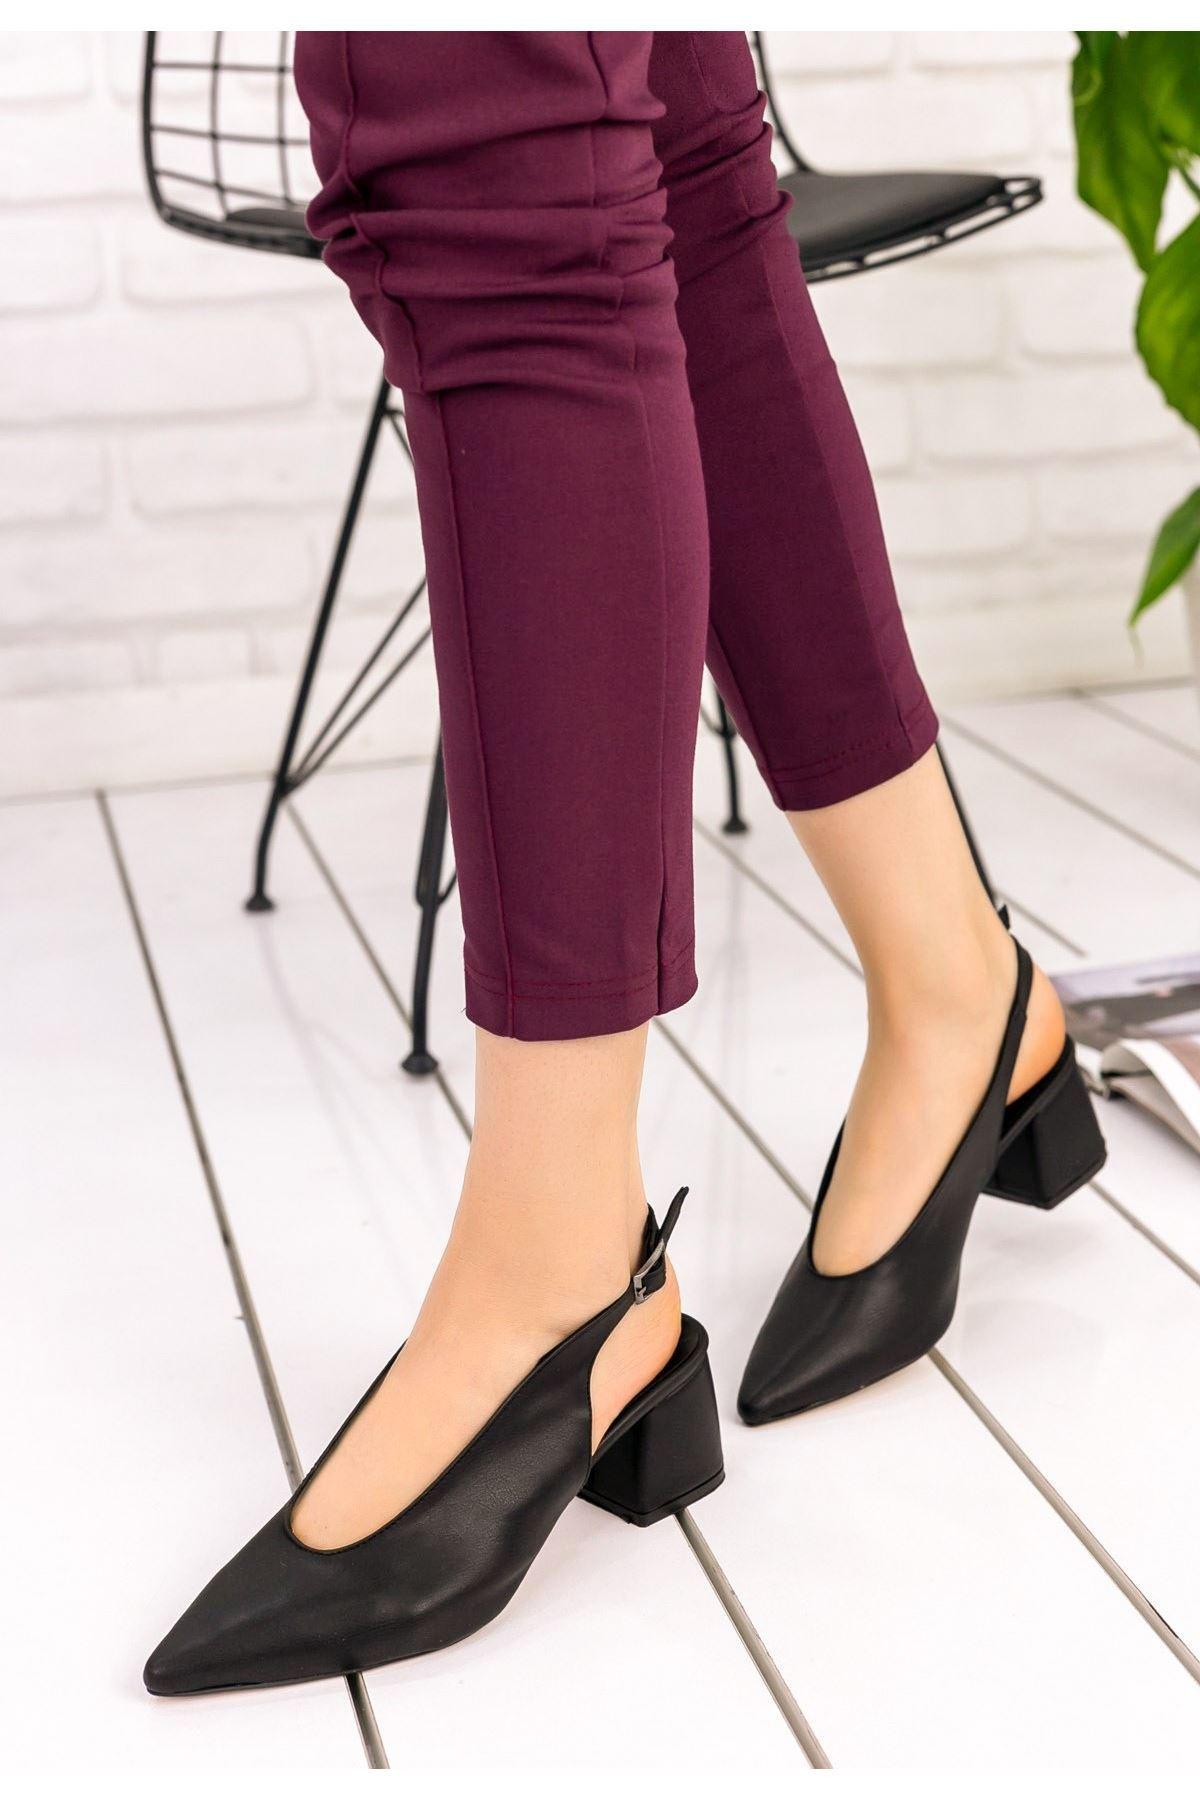 Fawn Siyah Topuklu Ayakkabı